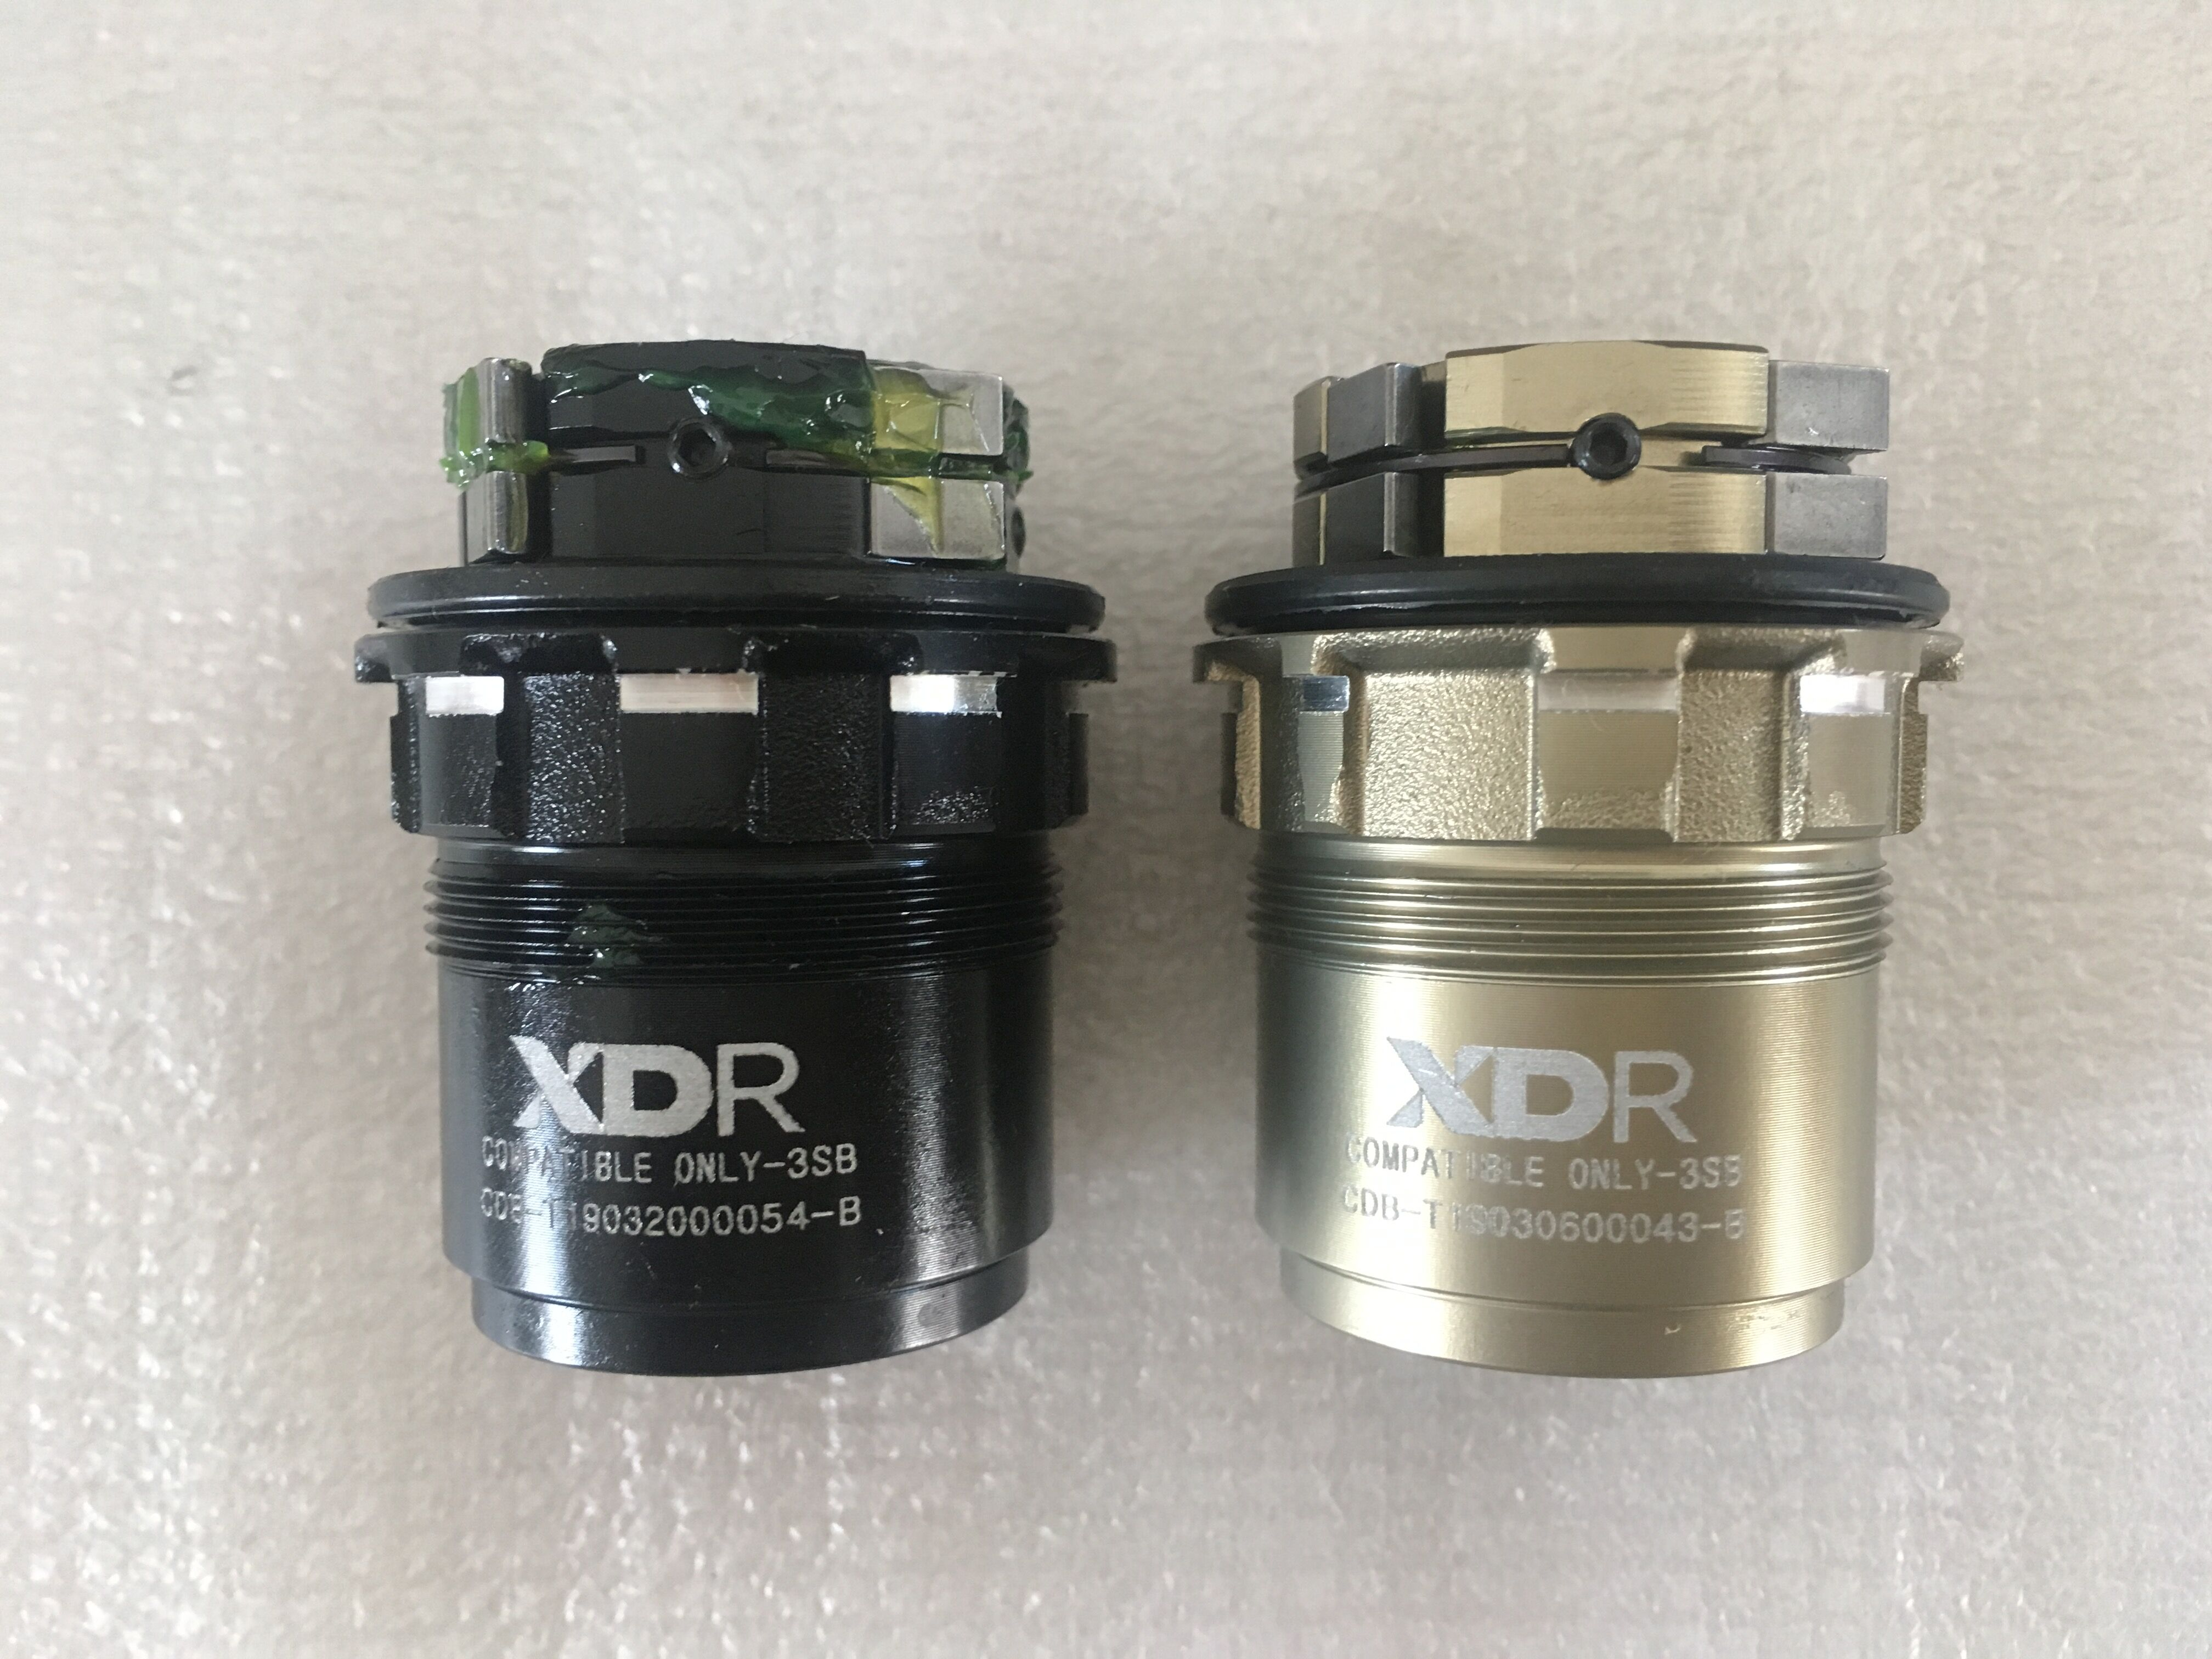 S-RAM XDR Driver ROAD 12 vitesses corps de Cassette corps de roue libre corps de roue libre pour NOVATEC FS522SB F482SB D412SB D792SB alliage